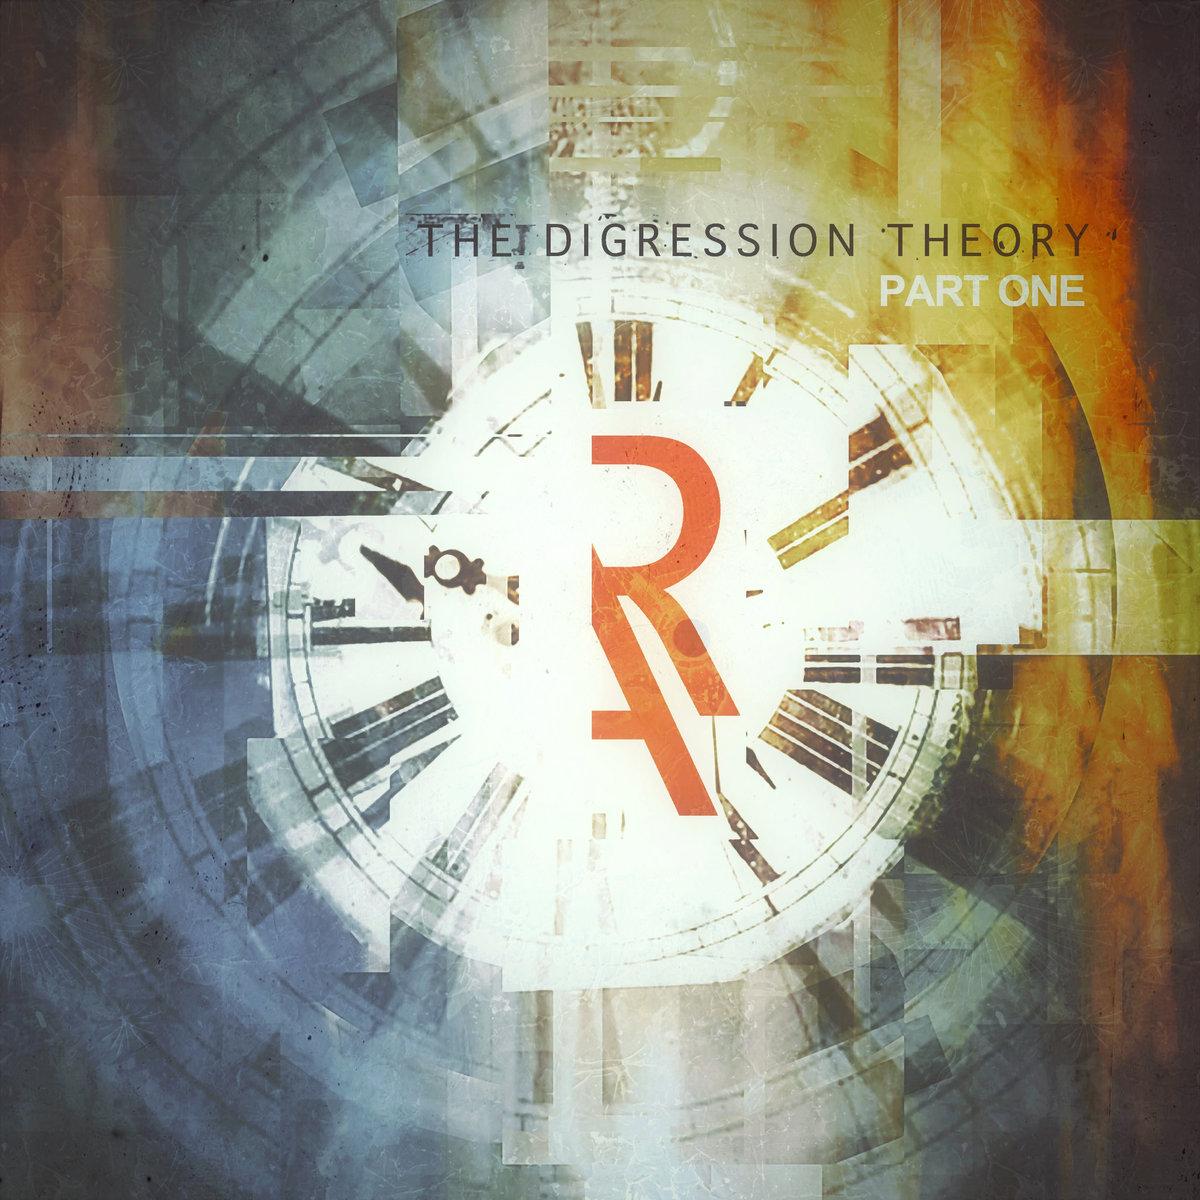 Risultati immagini per reese alexander - the digression theory